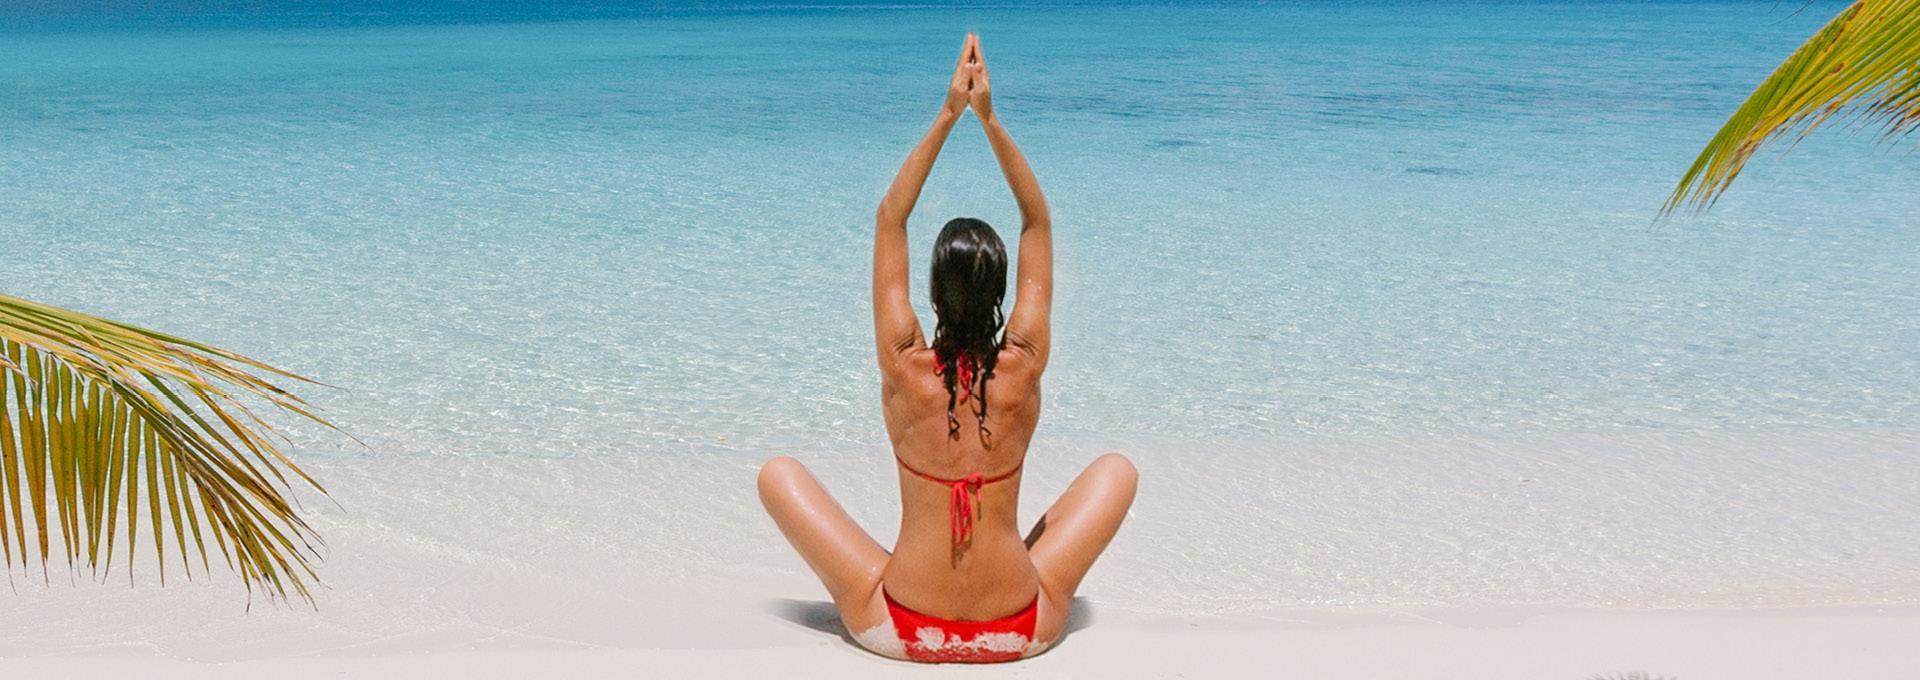 A woman does yoga on the beach